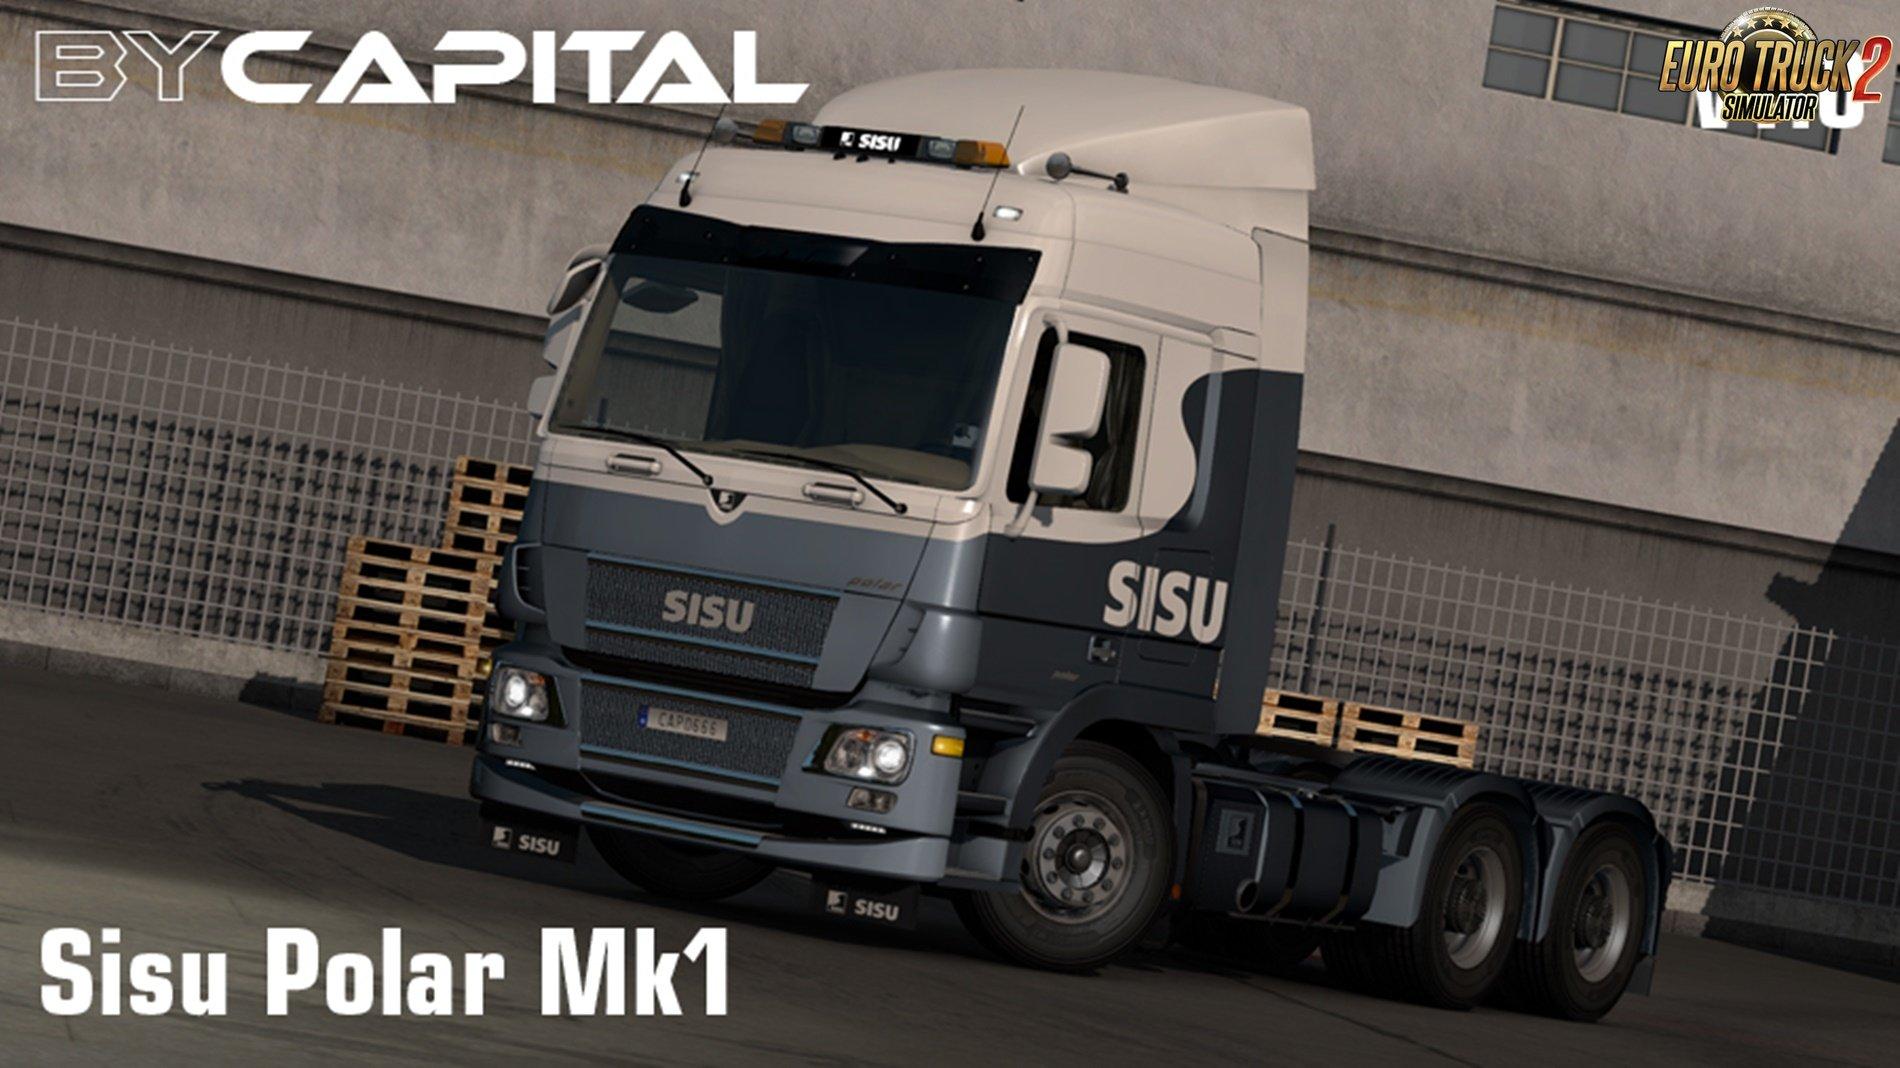 Sisu Polar Mk1 v1.0 - ByCapital [1.32.x]